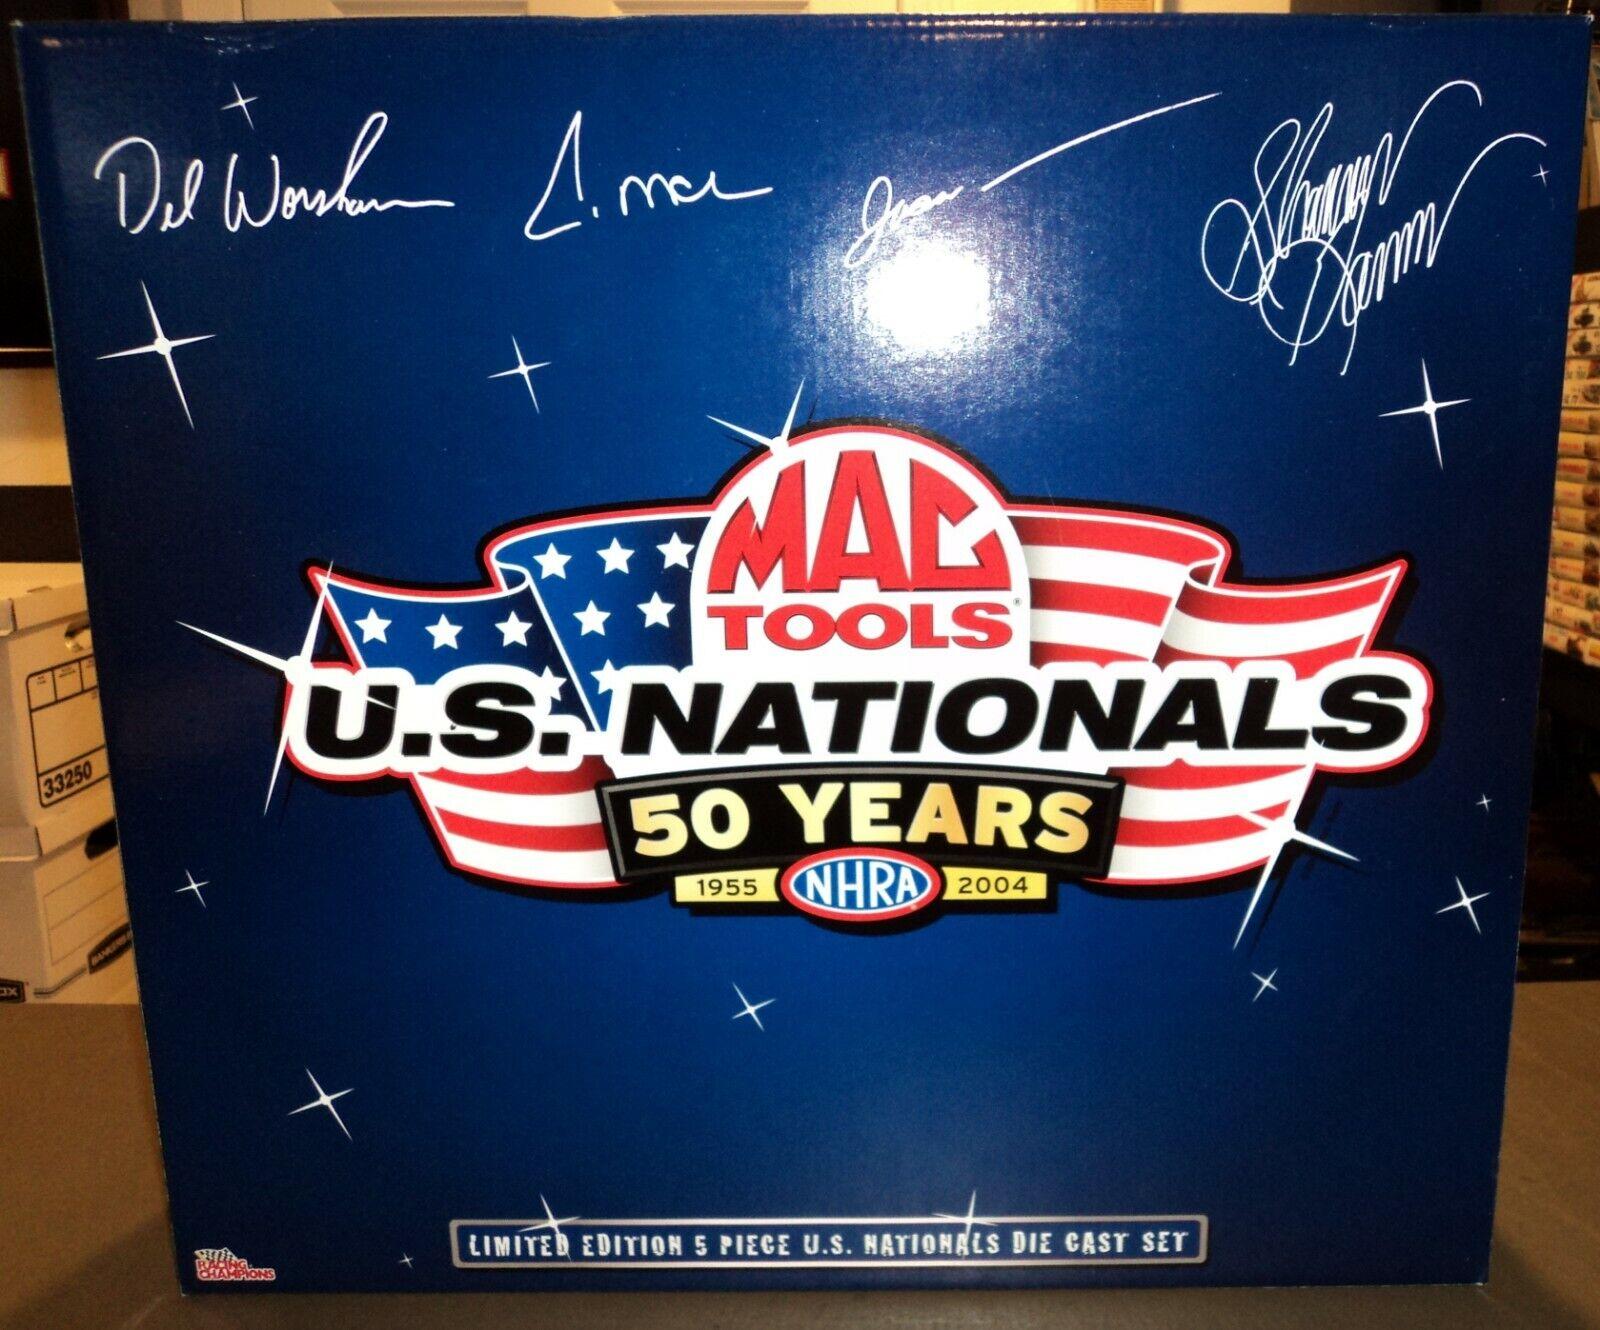 Racing Champions Mac herramientas nacionales de Estados Unidos 50 años 2004 1 24 coche 5 Die Cast Set